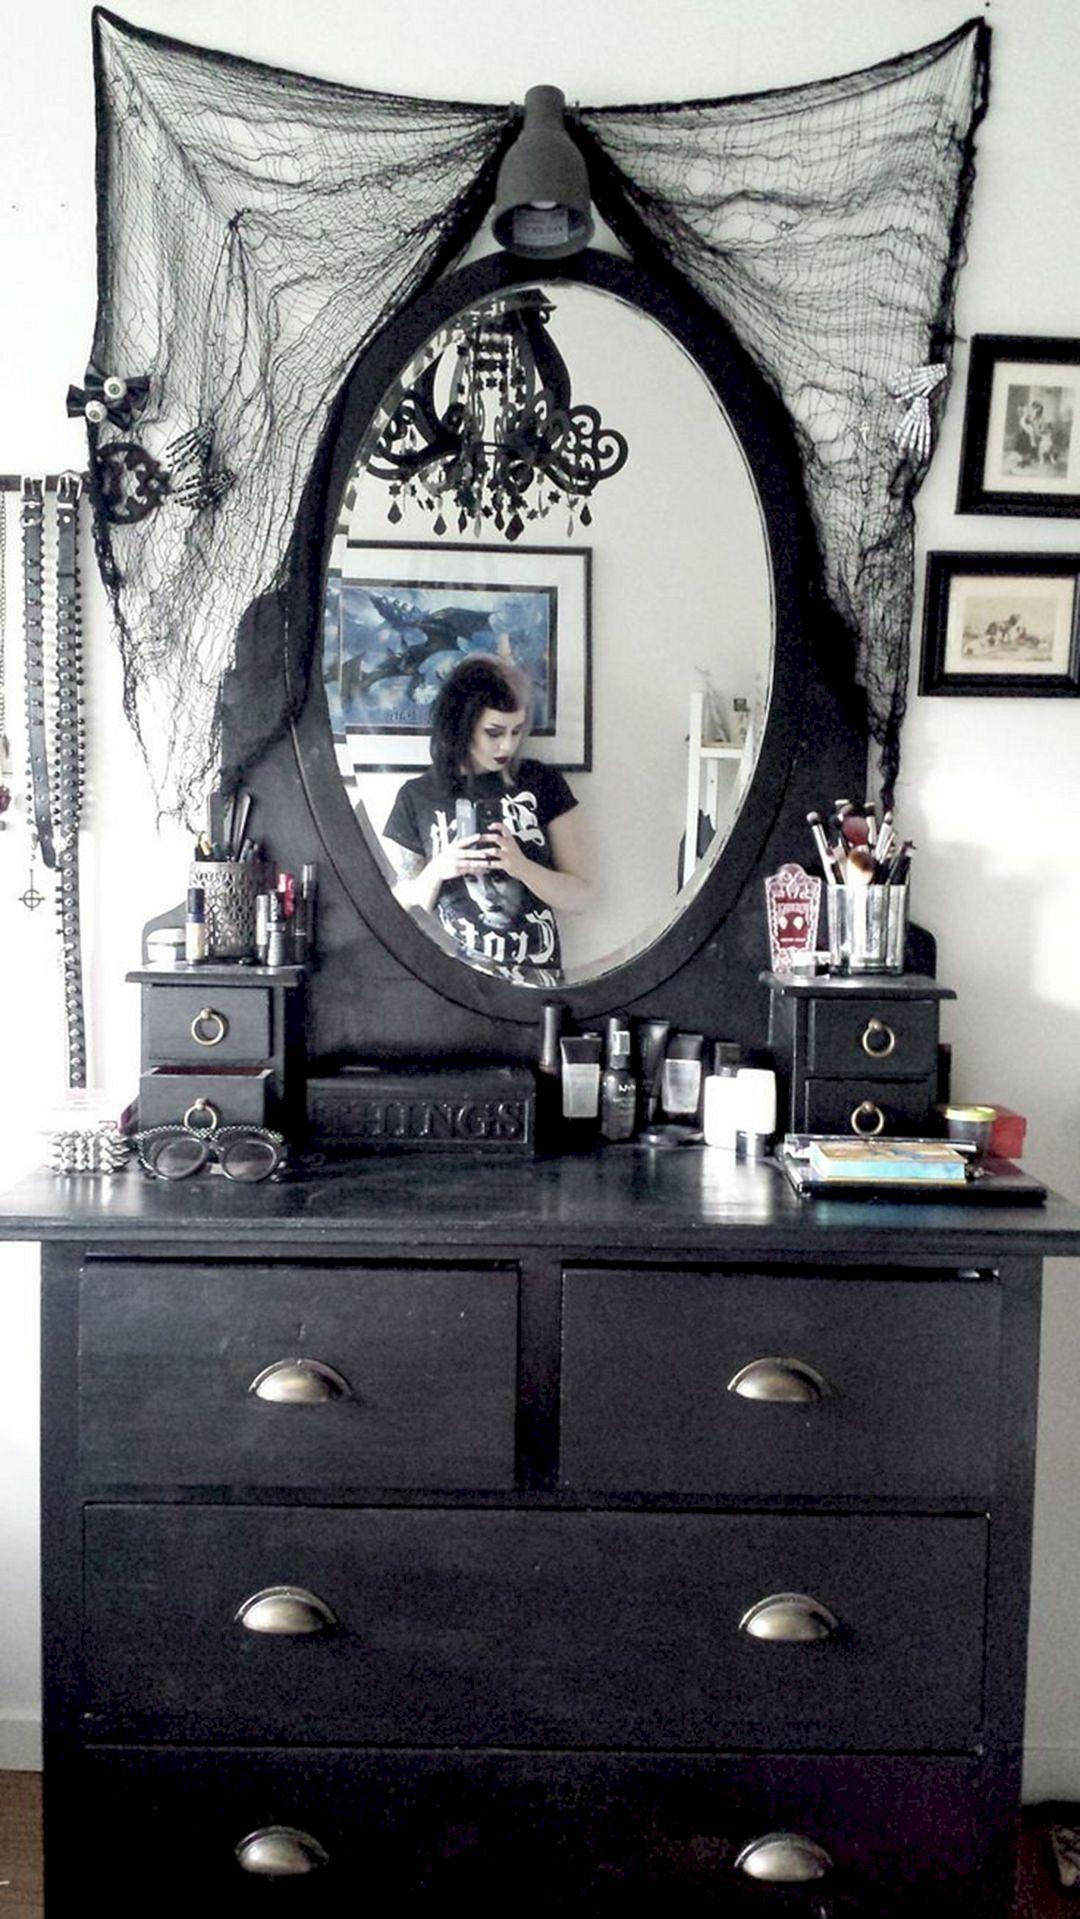 35 Extraordinary Bedroom Magical Decorations For Your Home Freshouz Com Gothic Home Decor Gothic Room Goth Home Decor